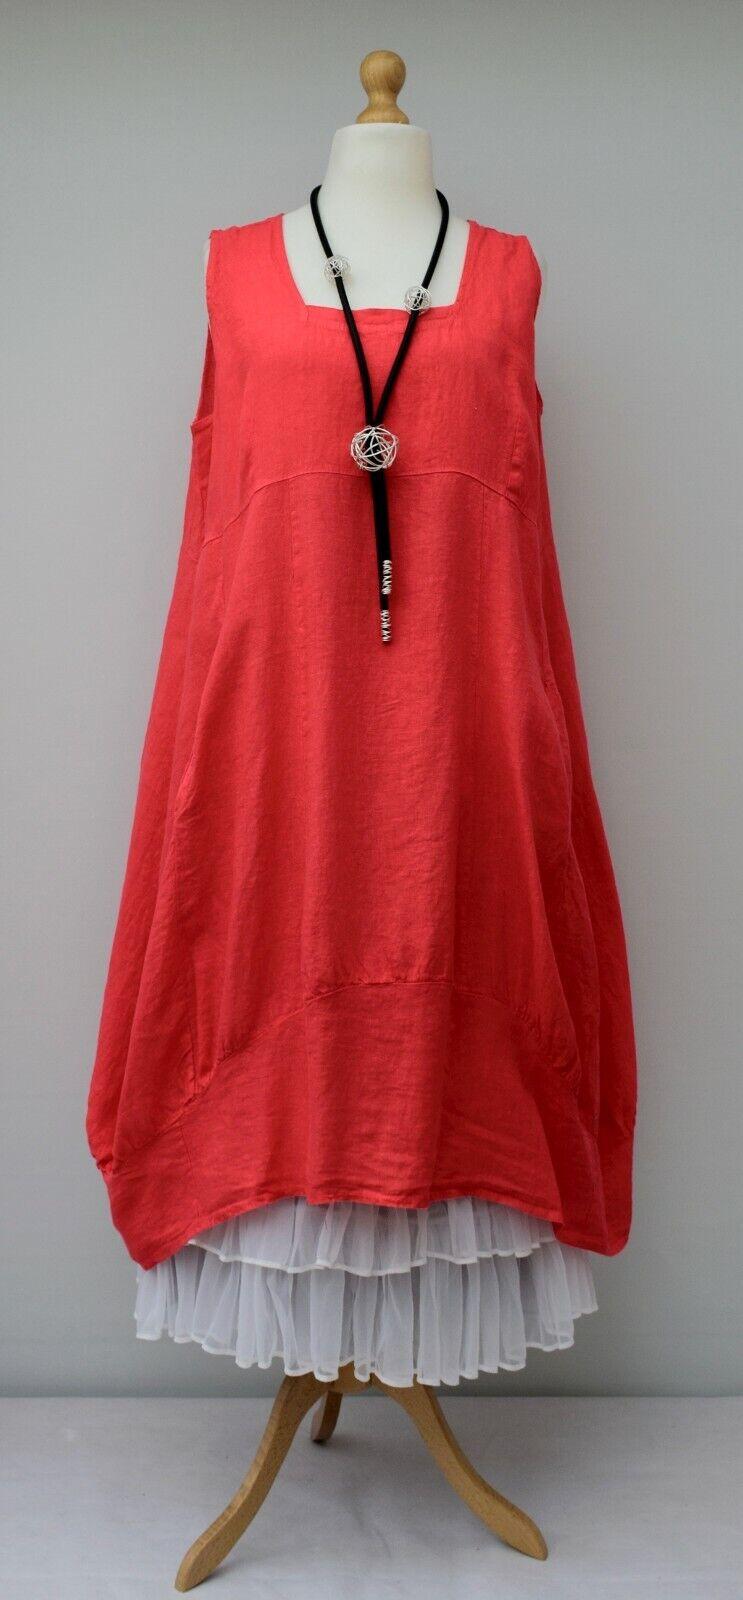 PLUS SIZE LINEN OVERSIZED PLAIN 2 POCKETS LONG DRESS**RED** XL-XXL BUST 52-54